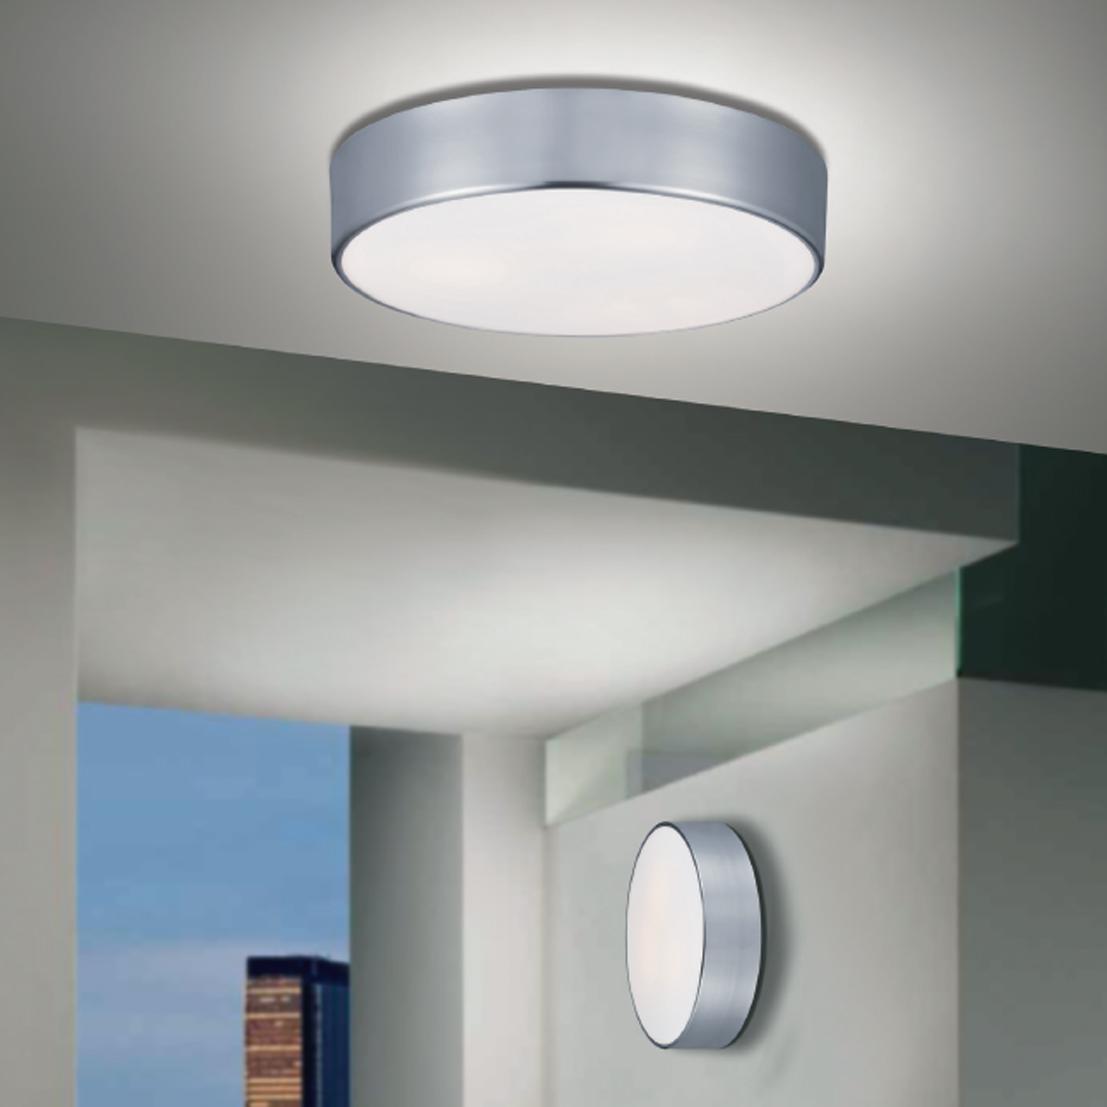 Lampenlux Deckenlampe Deckenleuchte Dago Glasschirm nickel satiniert G9/E27 Ø:16/32/40cm